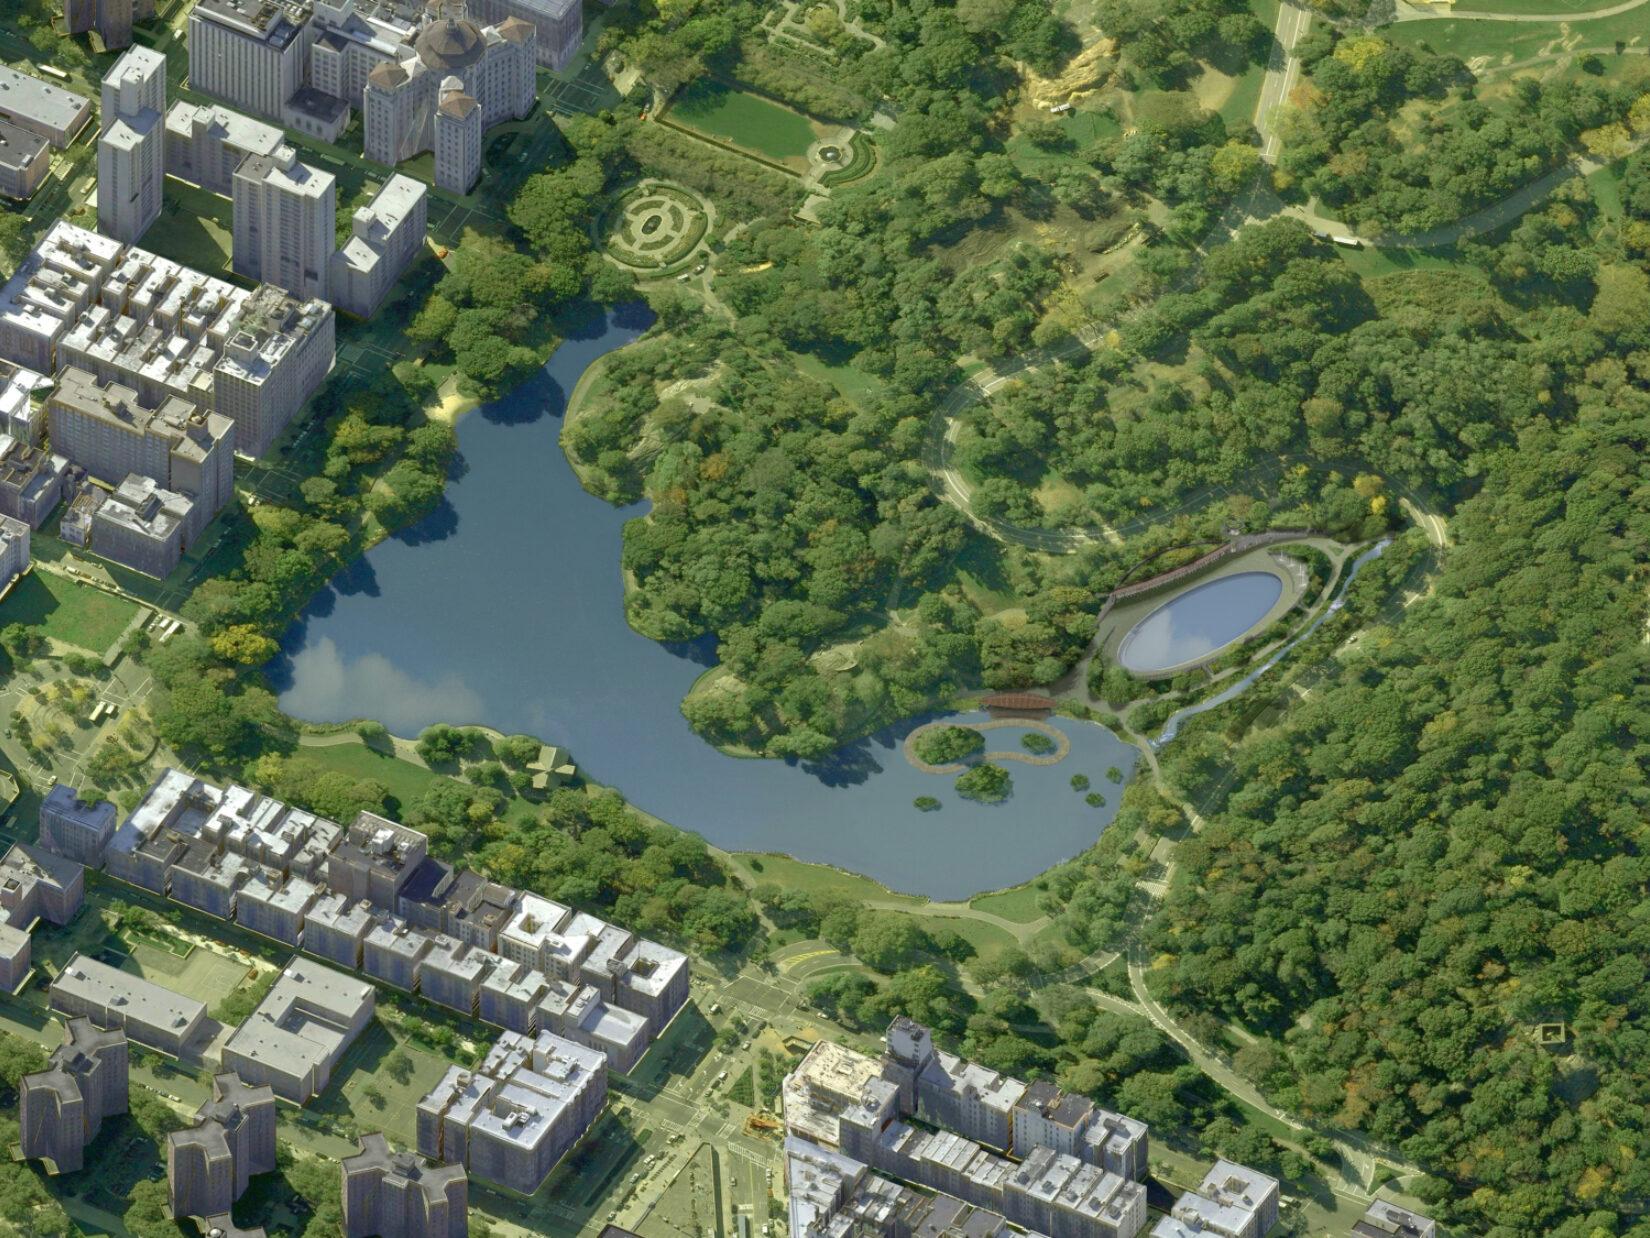 Harlem Meer Aerial Rendering Proposed STR